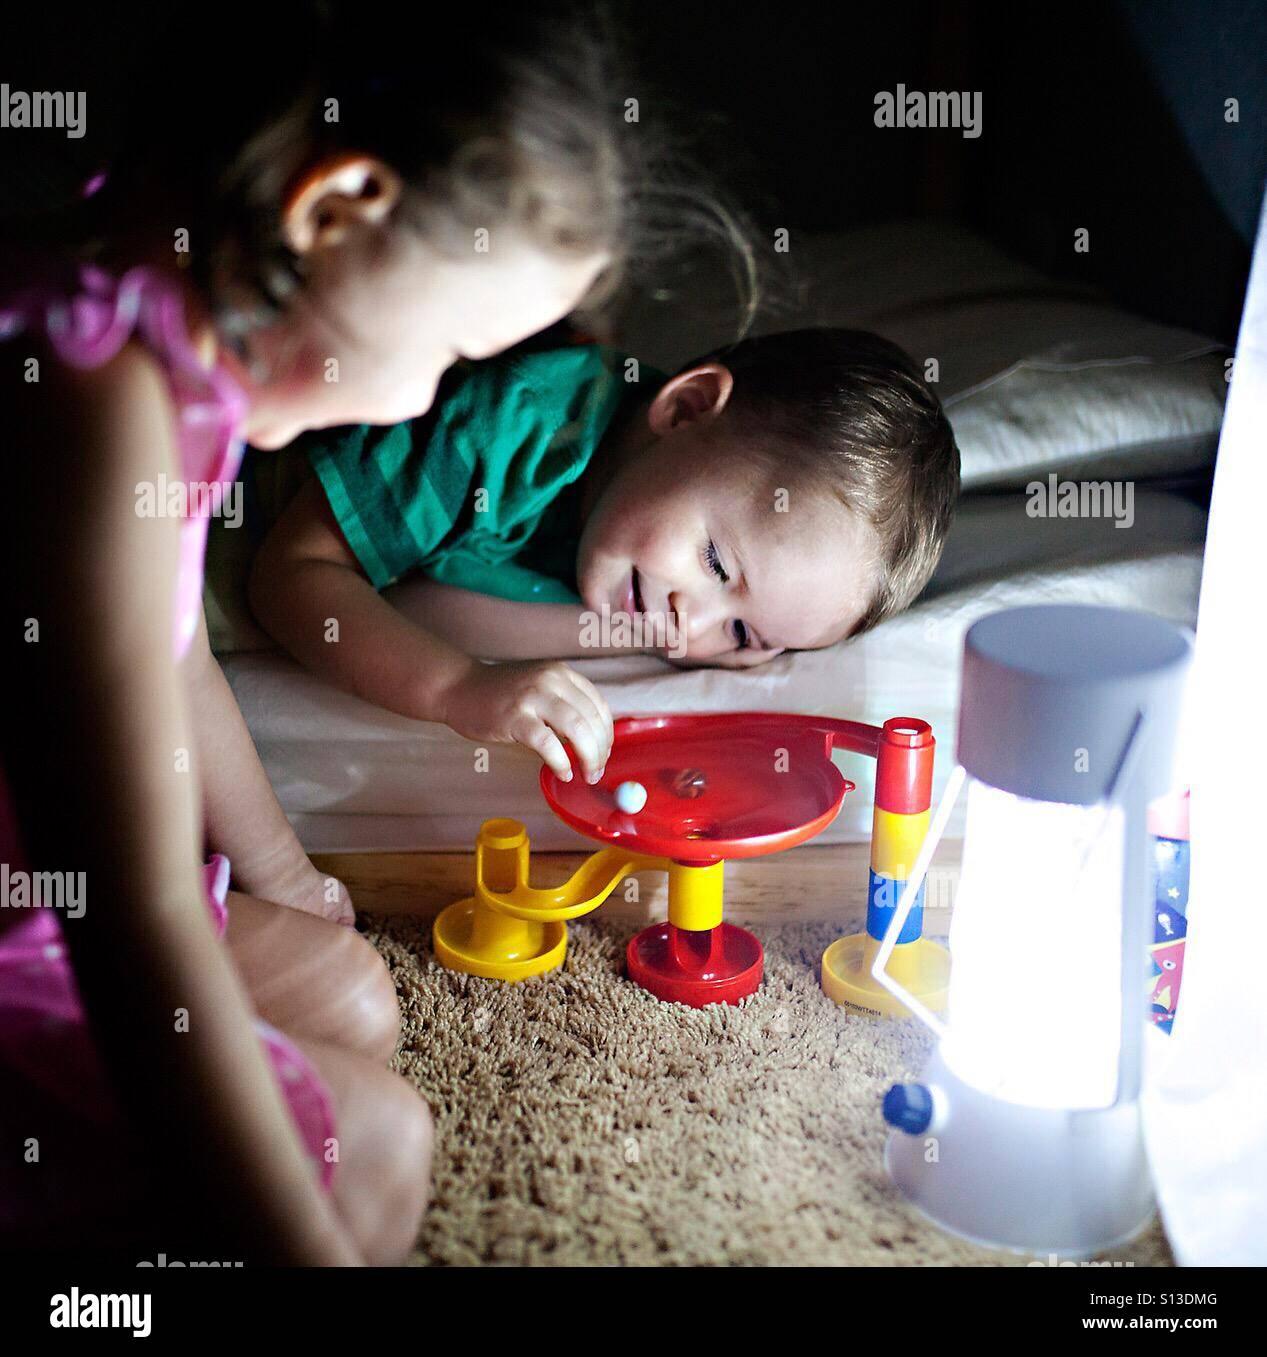 Tout-petit et votre fille jouer avec un jouet en exécuter à l'heure du coucher par lampe lumière Photo Stock